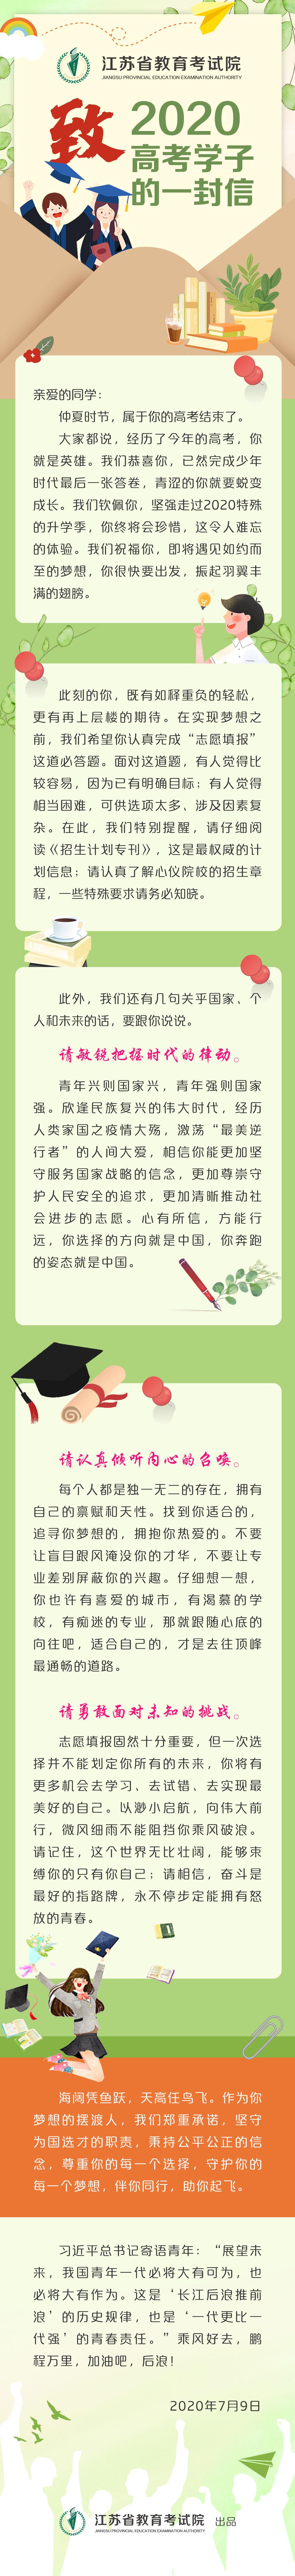 江苏省教育考试院致2020高考学子的一封信